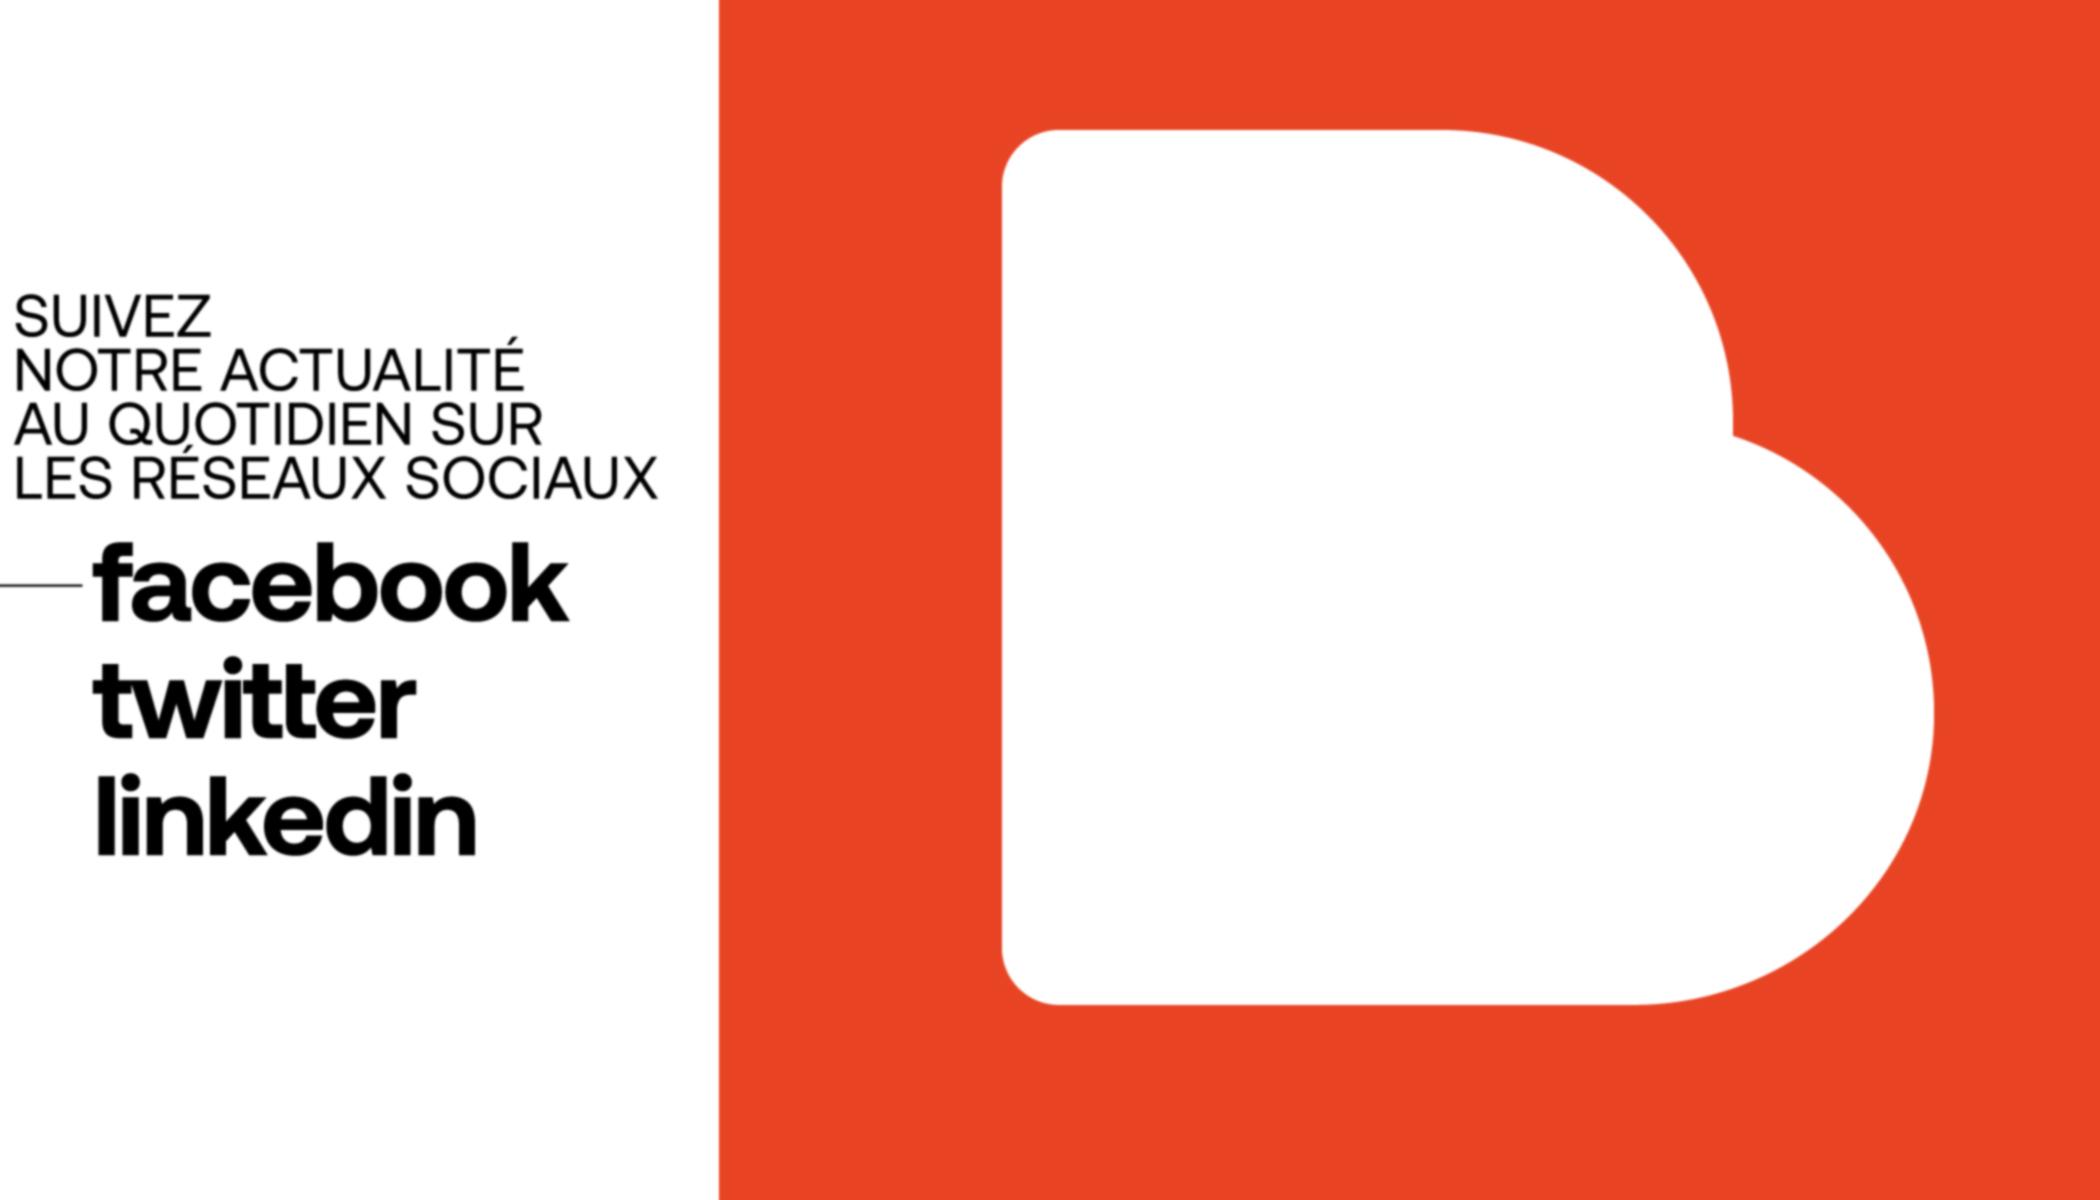 retrouvez notre actualité au quotidien sur facebook, twitter et linkedin